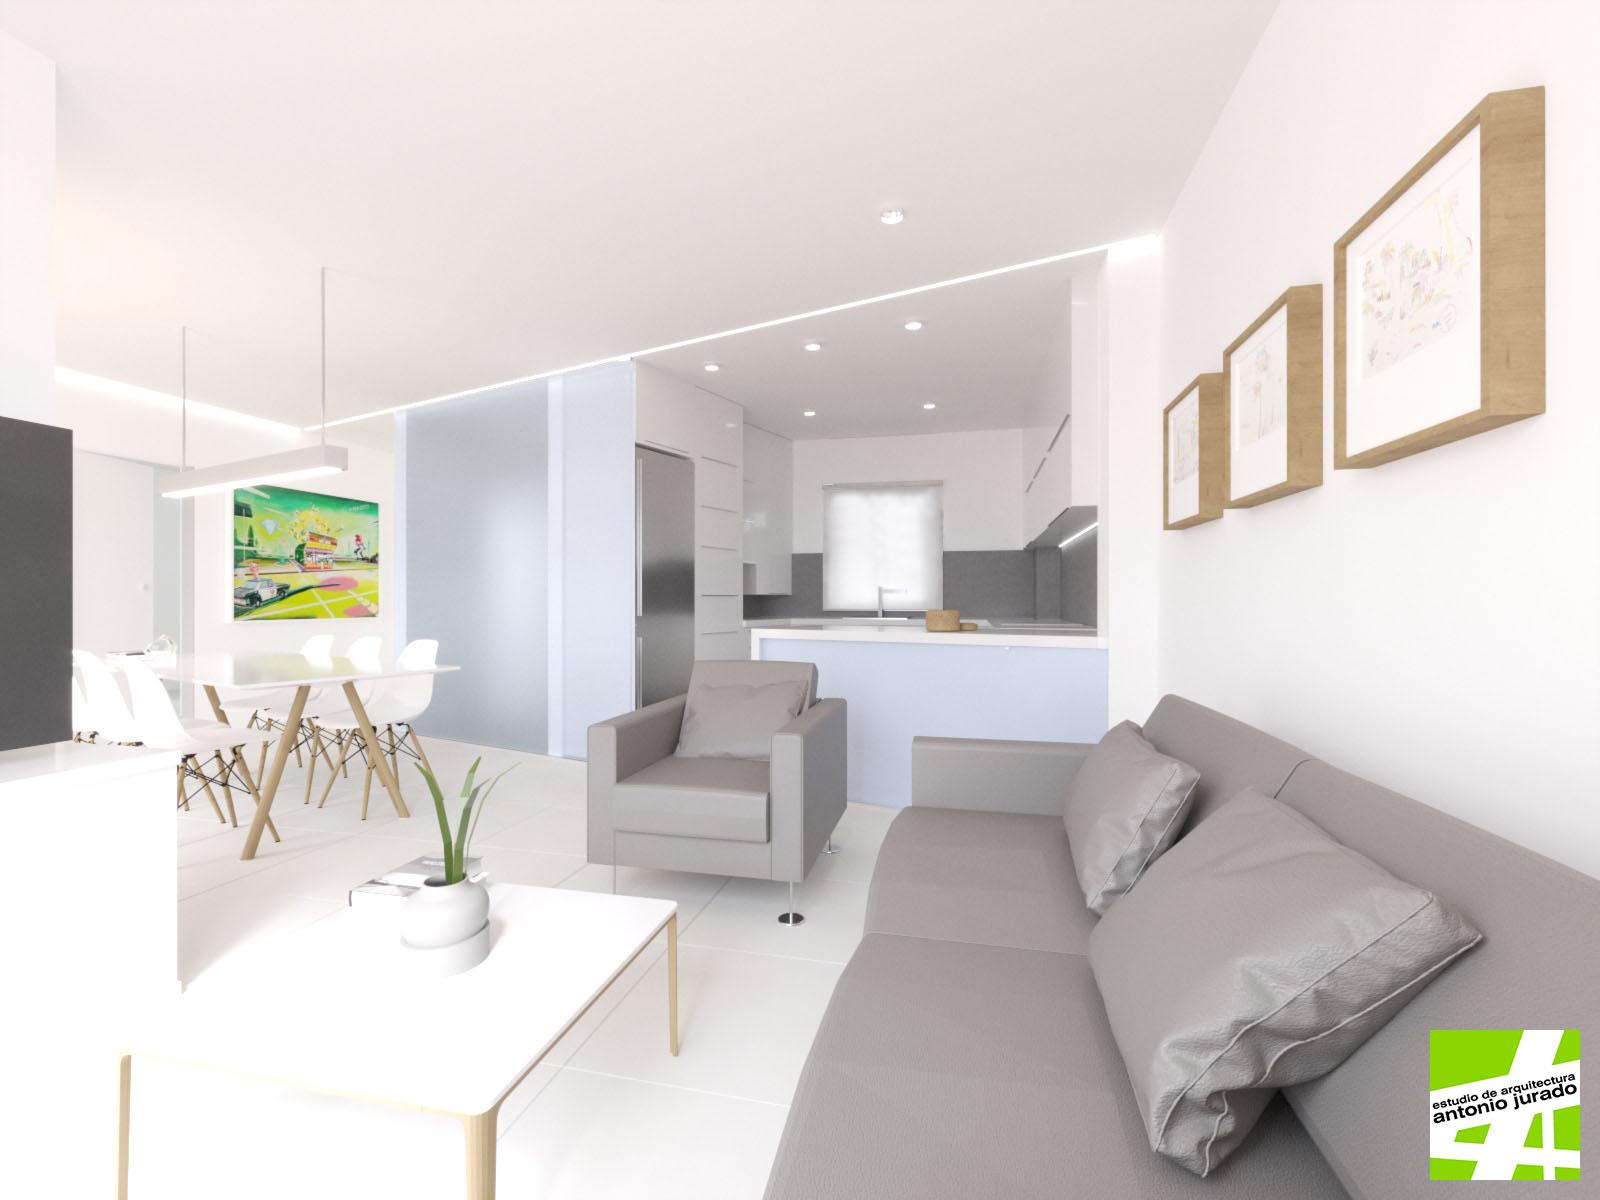 apartamento-mj-reforma-urbanizacion-torrox-park-torrox-malaga-antonio-jurado-arquitecto-03